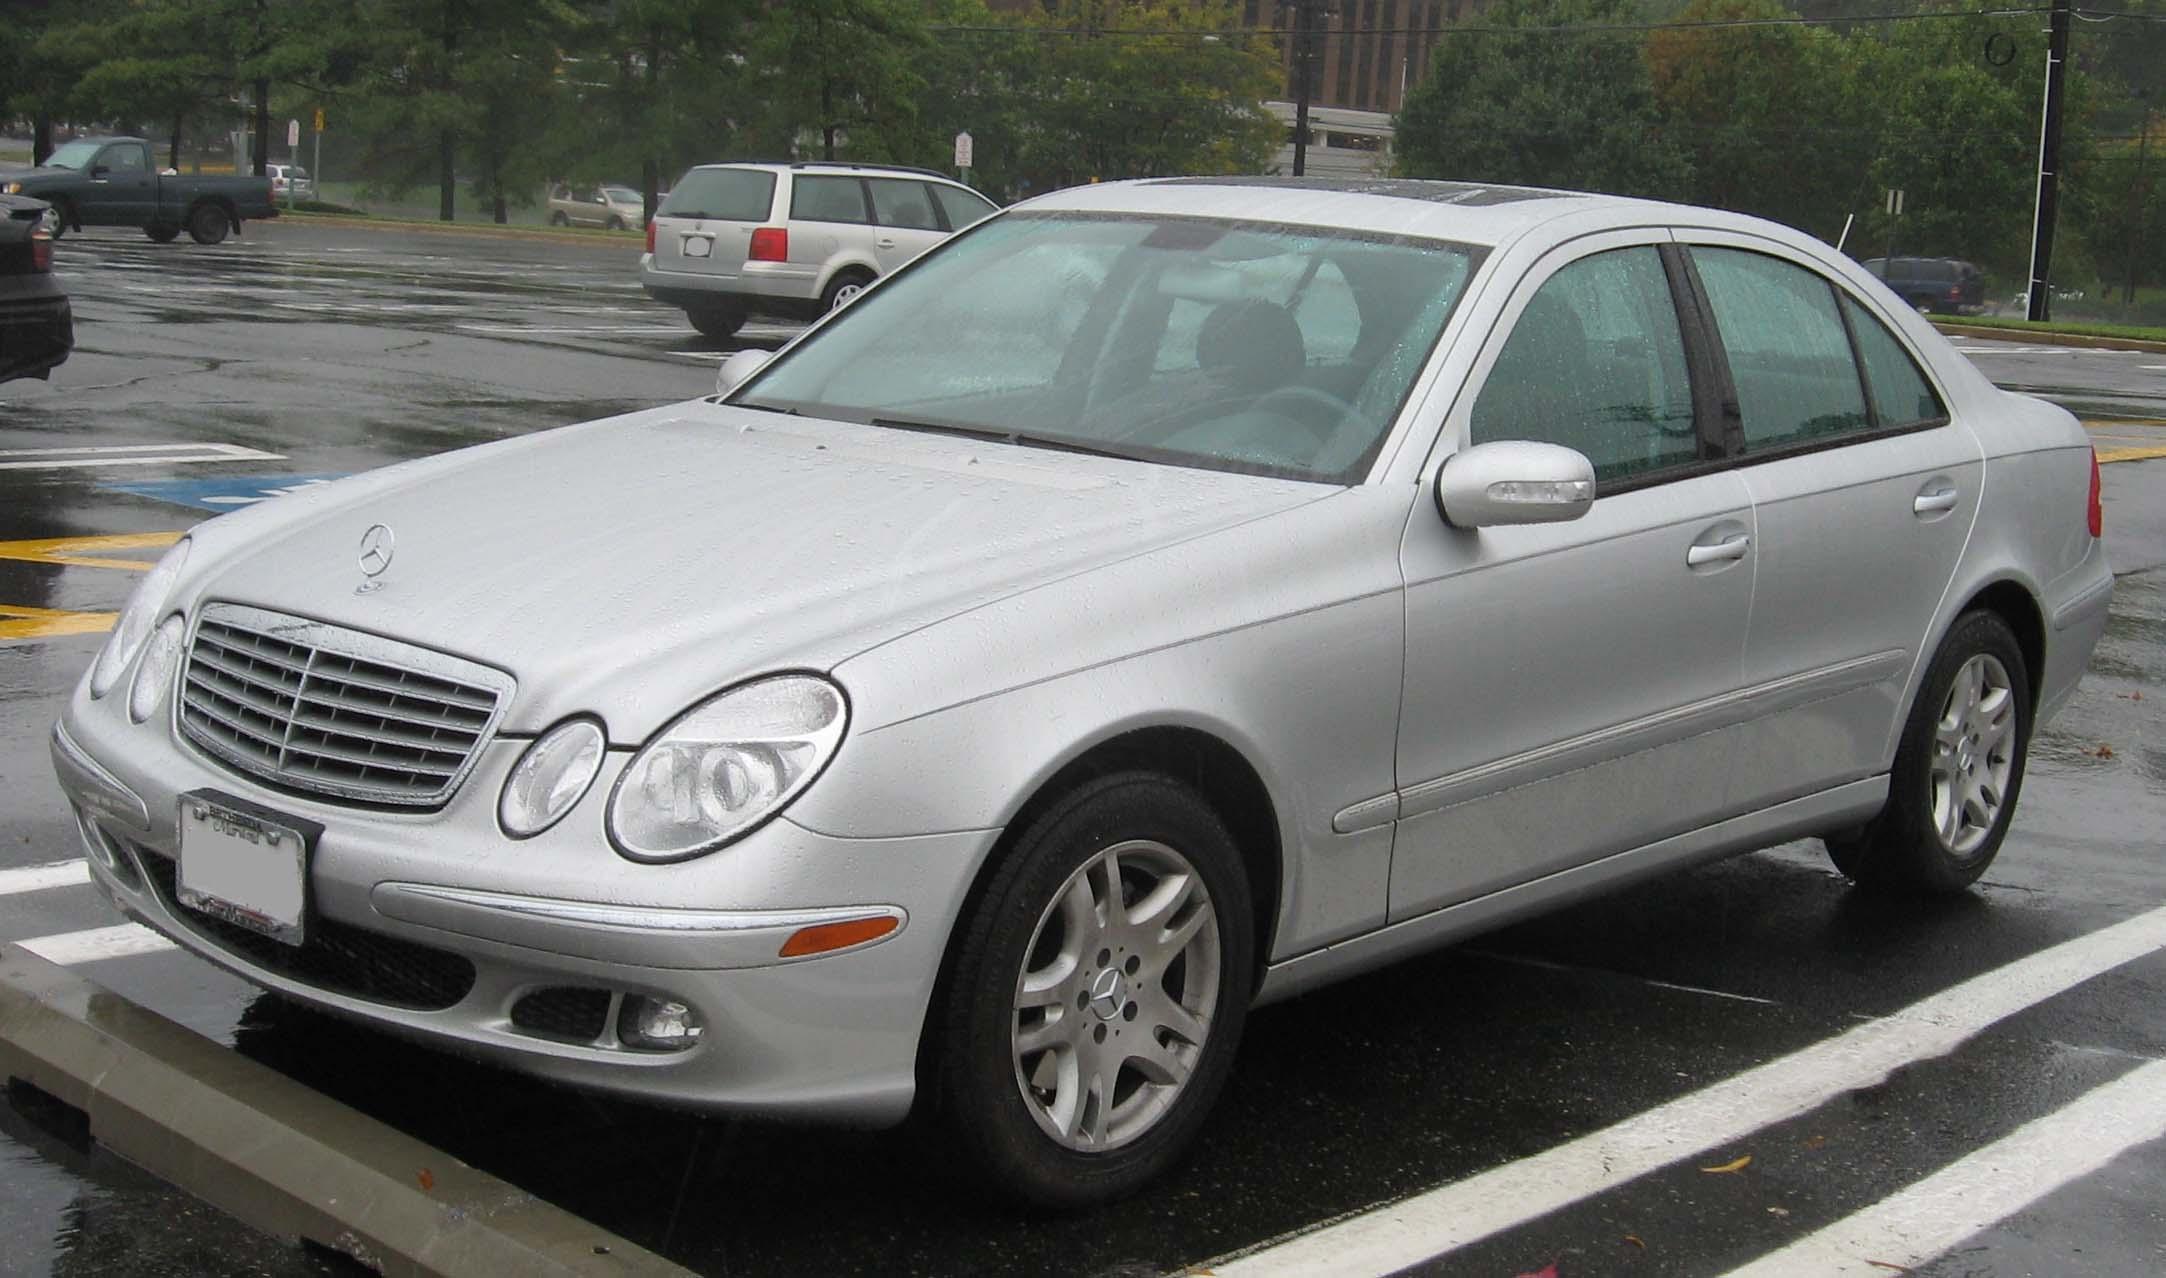 2007 mercedes benz e class image 14 for Mercedes benz 2007 e320